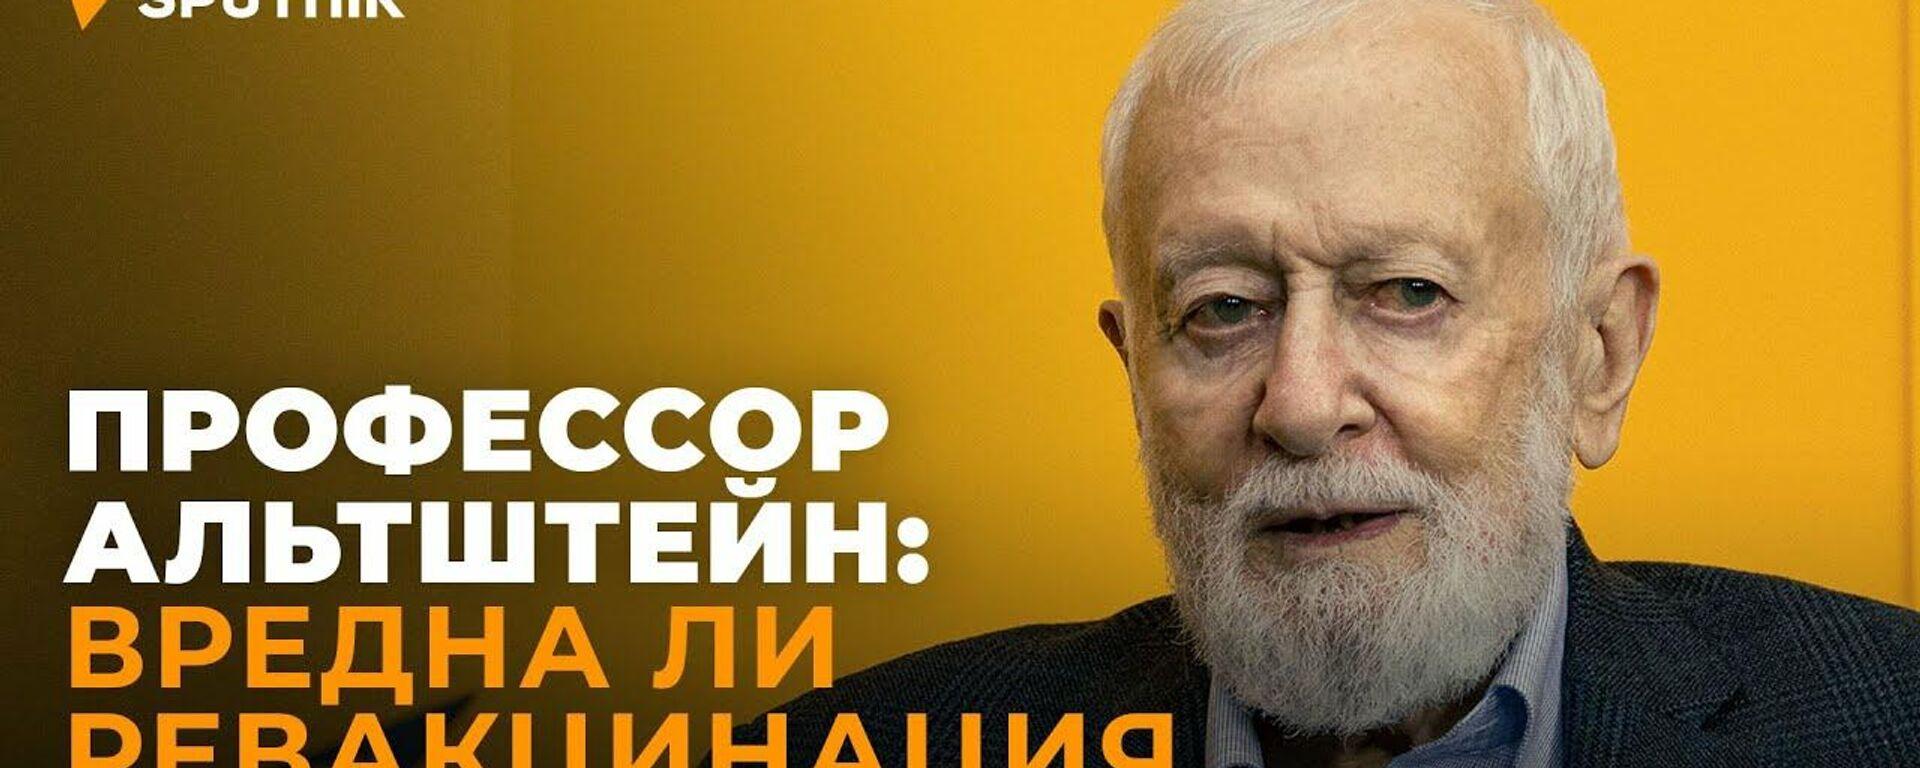 Известный вирусолог рассказал, что может быть страшнее коронавируса - Sputnik Узбекистан, 1920, 29.09.2021